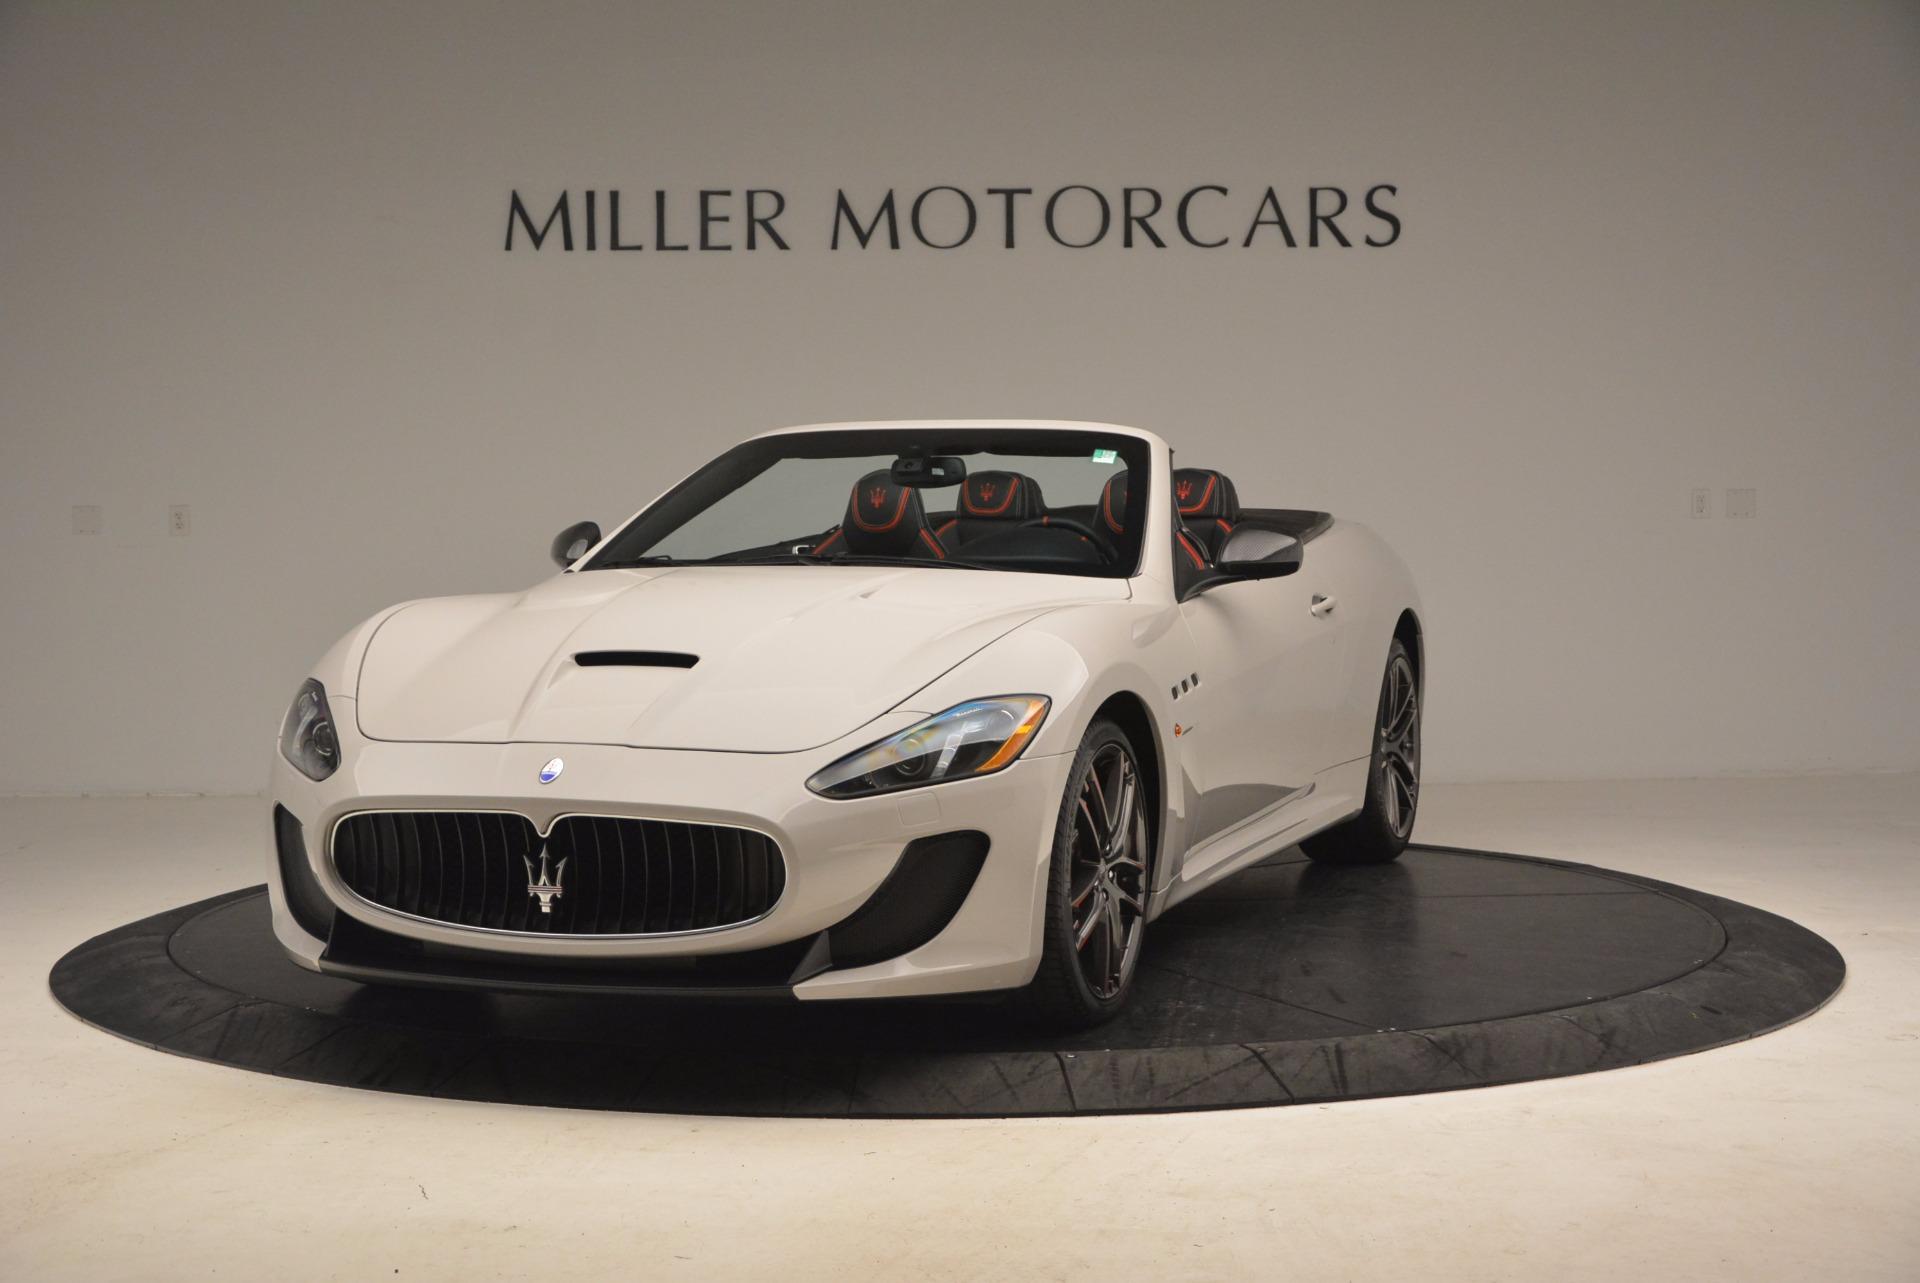 Used 2015 Maserati GranTurismo MC Centennial for sale Sold at Aston Martin of Greenwich in Greenwich CT 06830 1